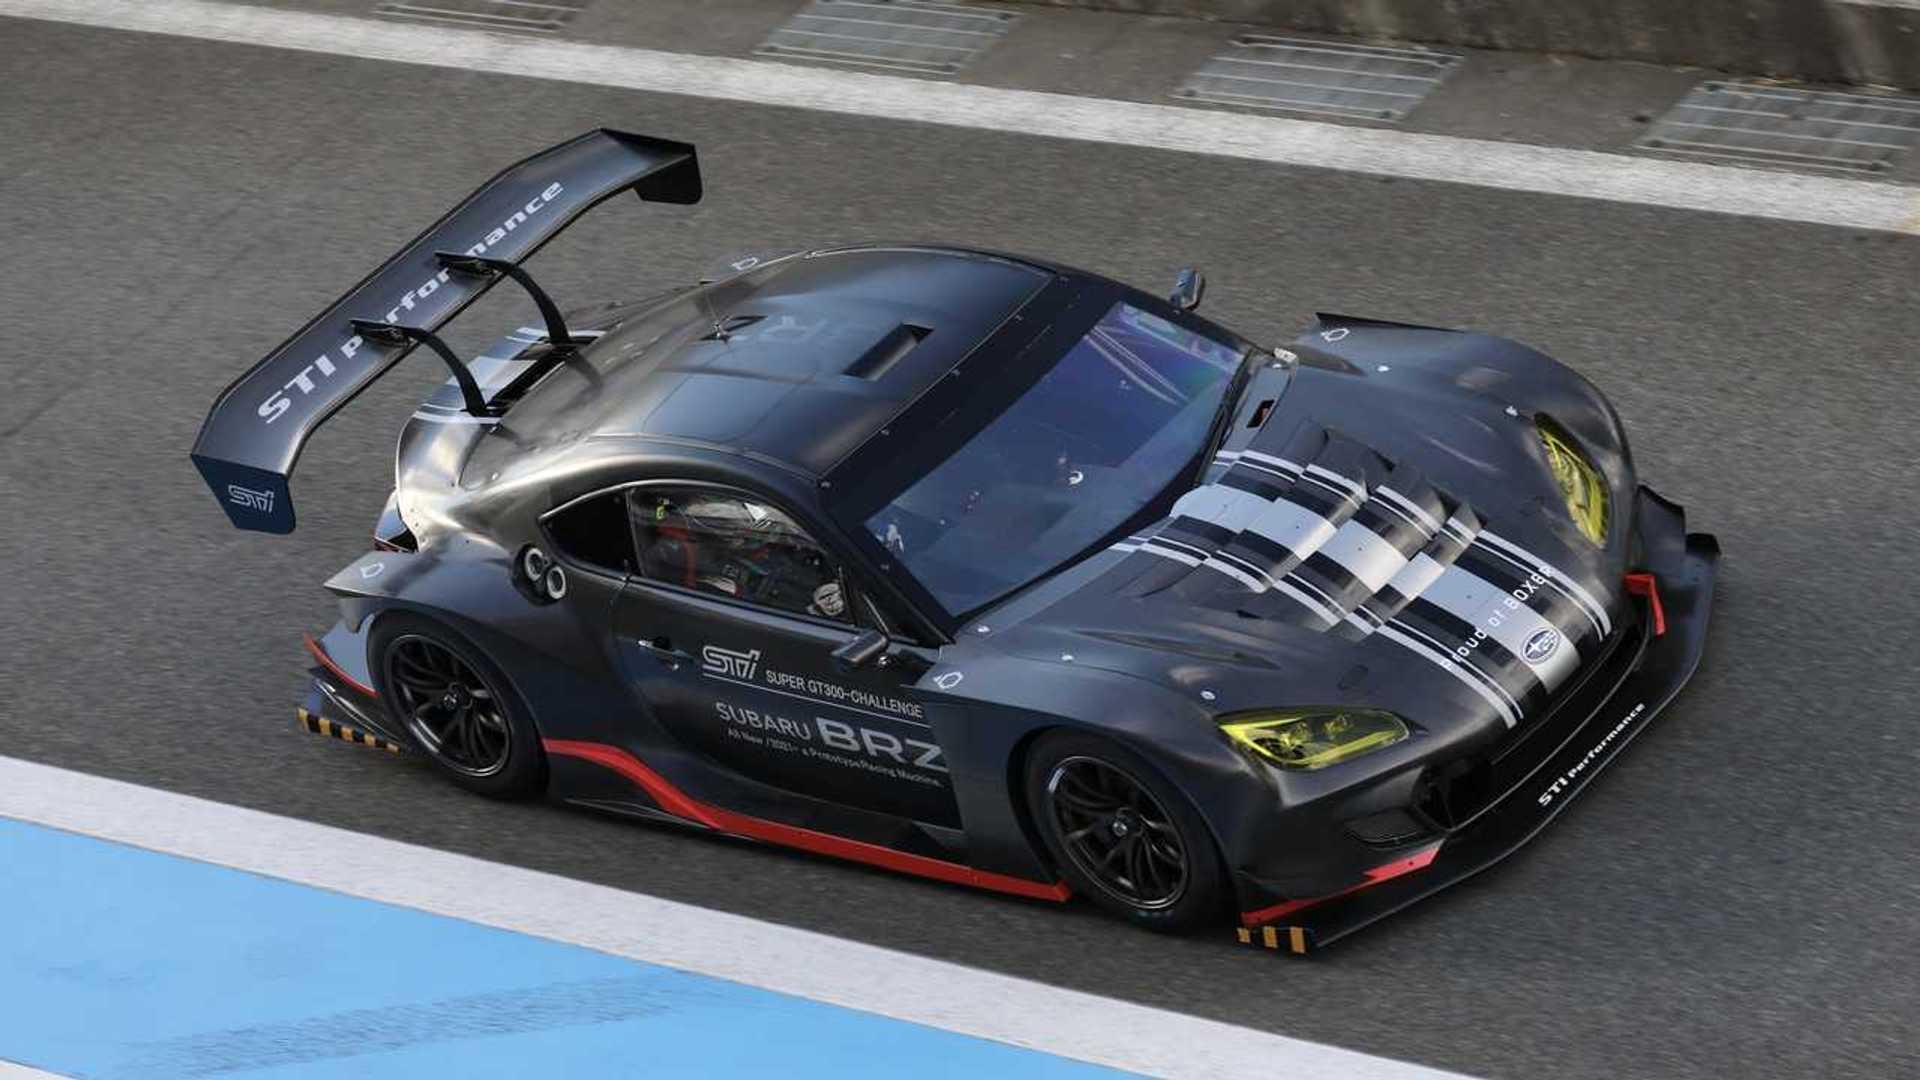 Последний BRZ от Subaru попал в гоночную комплектацию Super GT